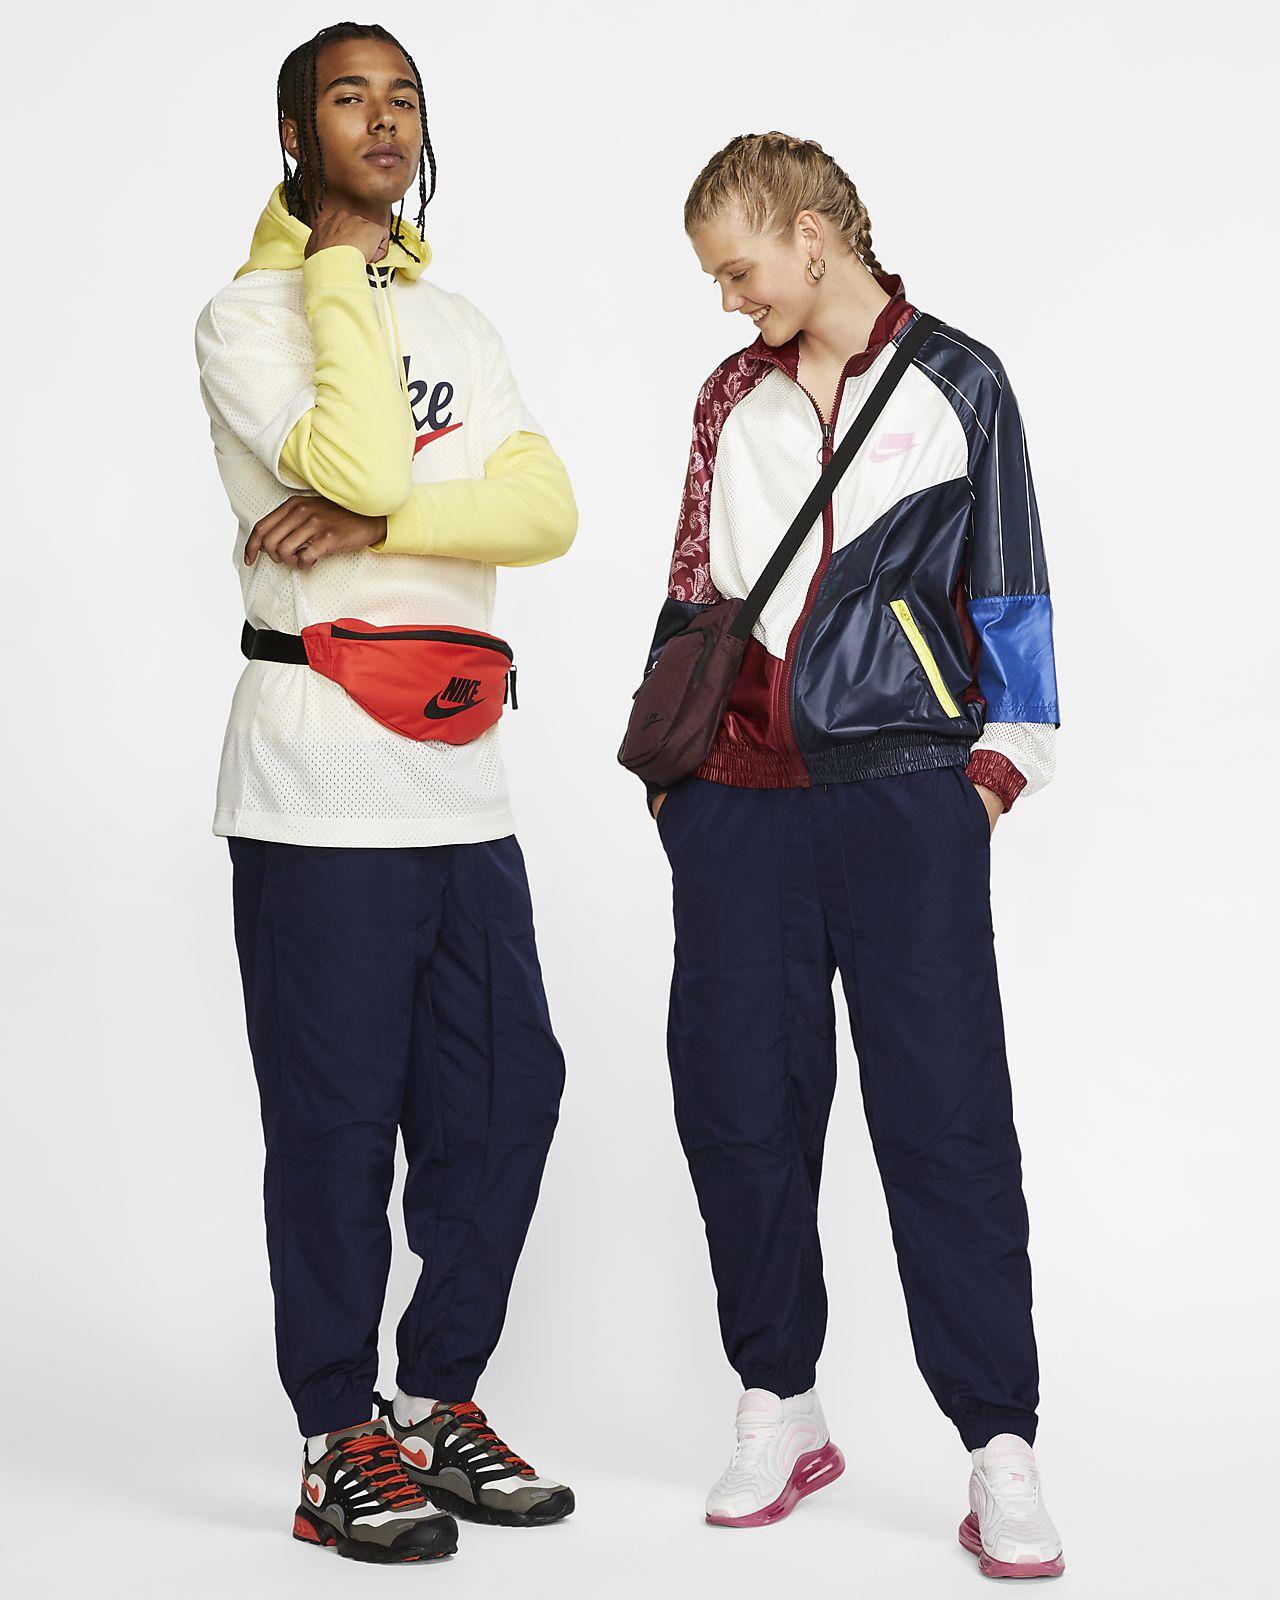 Nike Sportswear City Ready Webhose